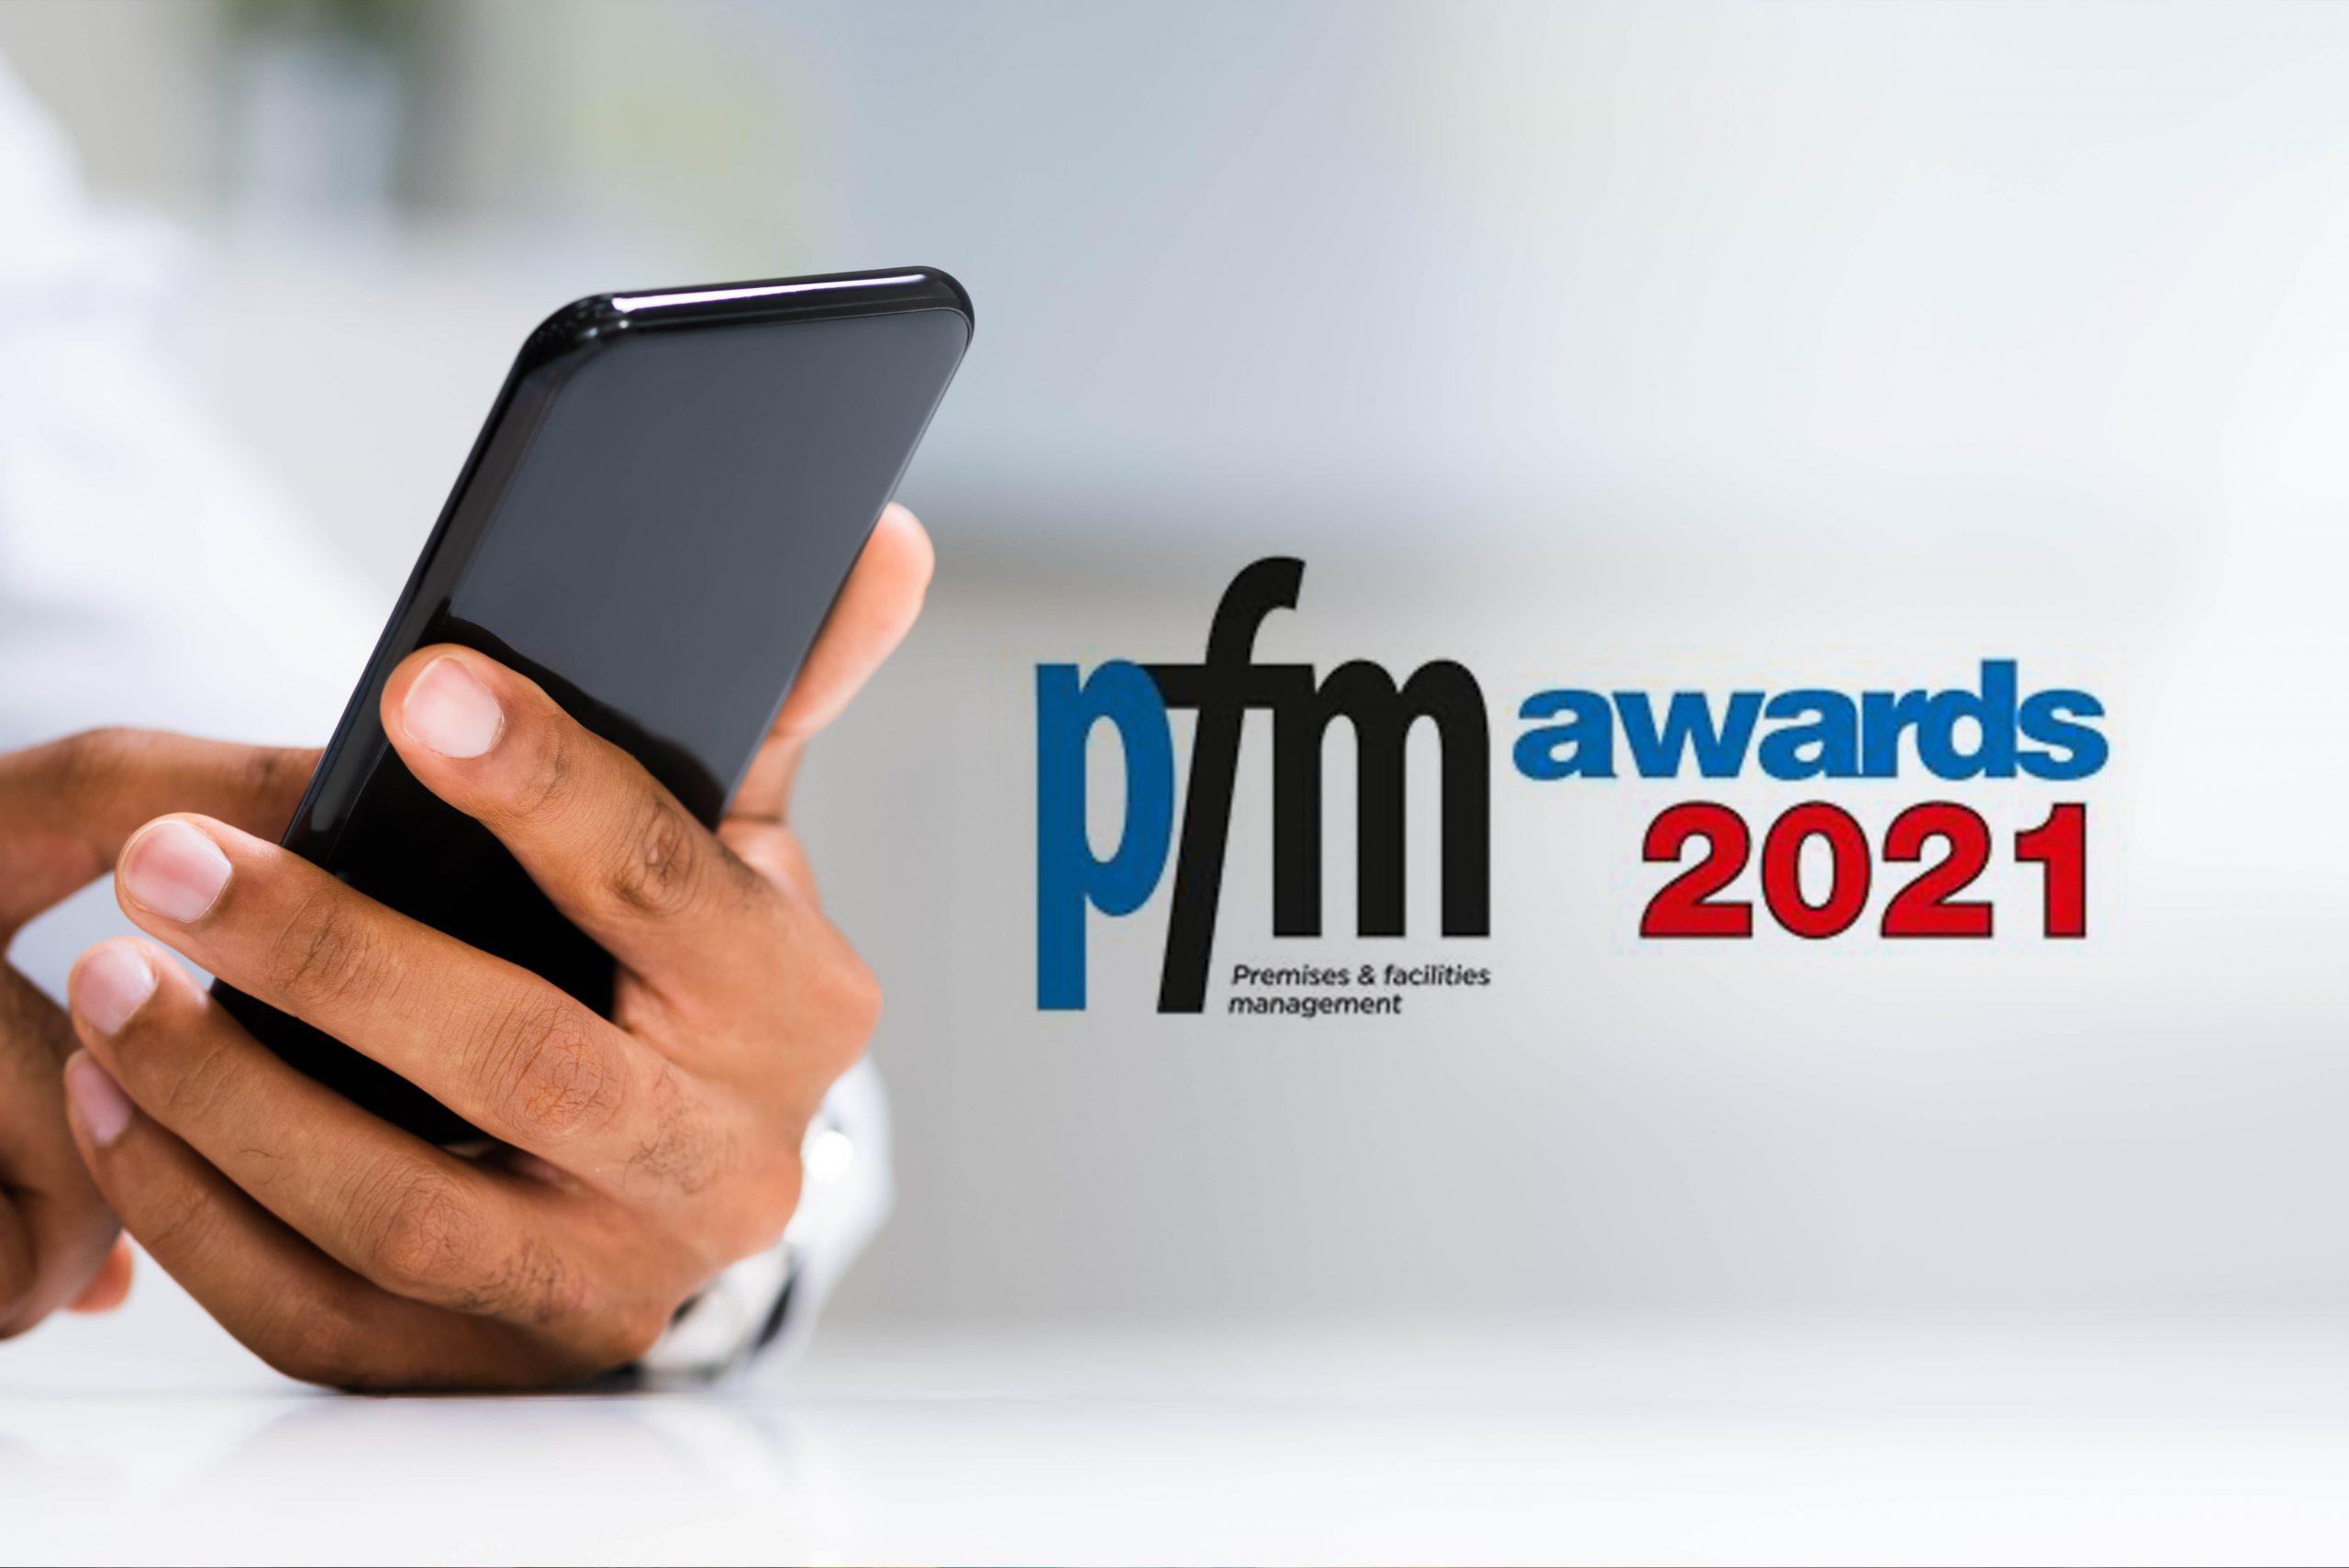 Cureoscity PFM Awards 2021